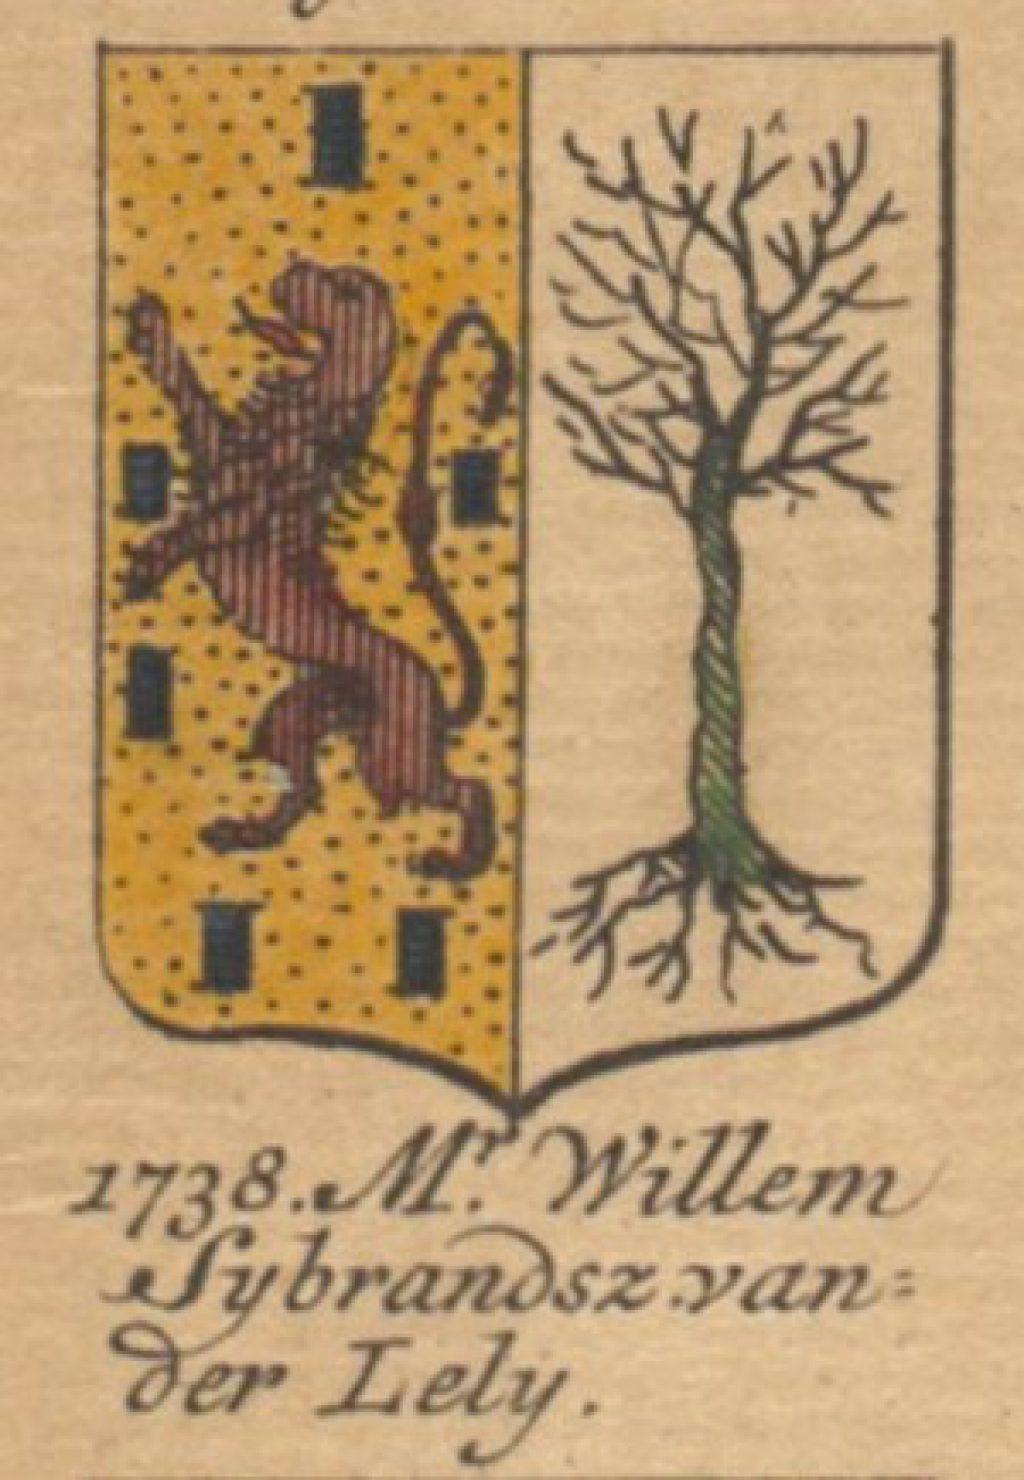 Het wapen van Willem van der Lely (TMS 114611, detail)